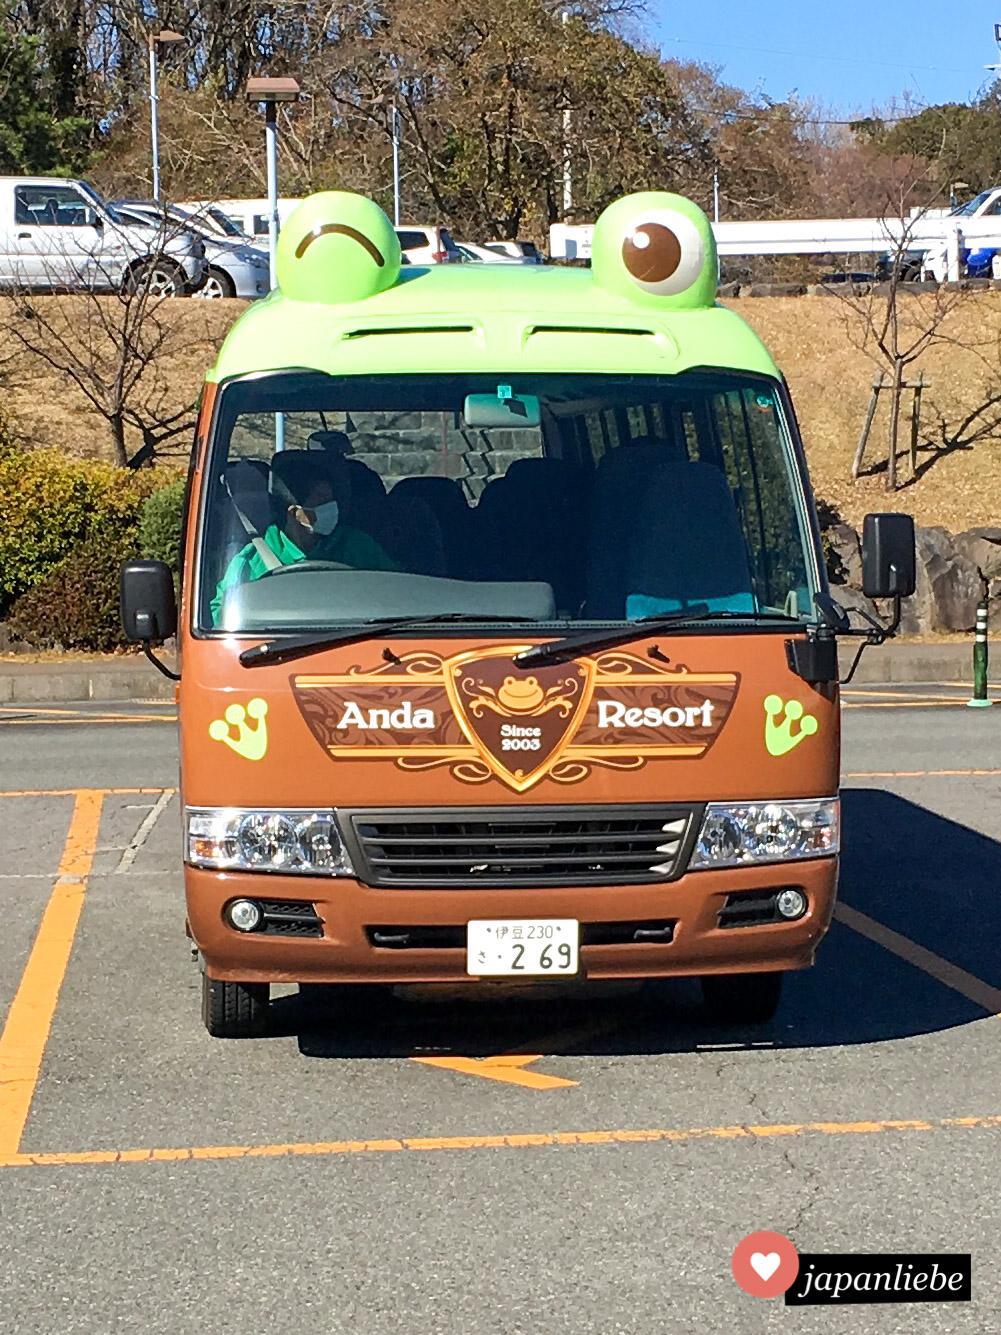 Das Anda Resort auf der Halbinsel Izu hat einen Bus mit Froschaugen, um seine Gäste vom Bahnhof in Ito abzuholen.